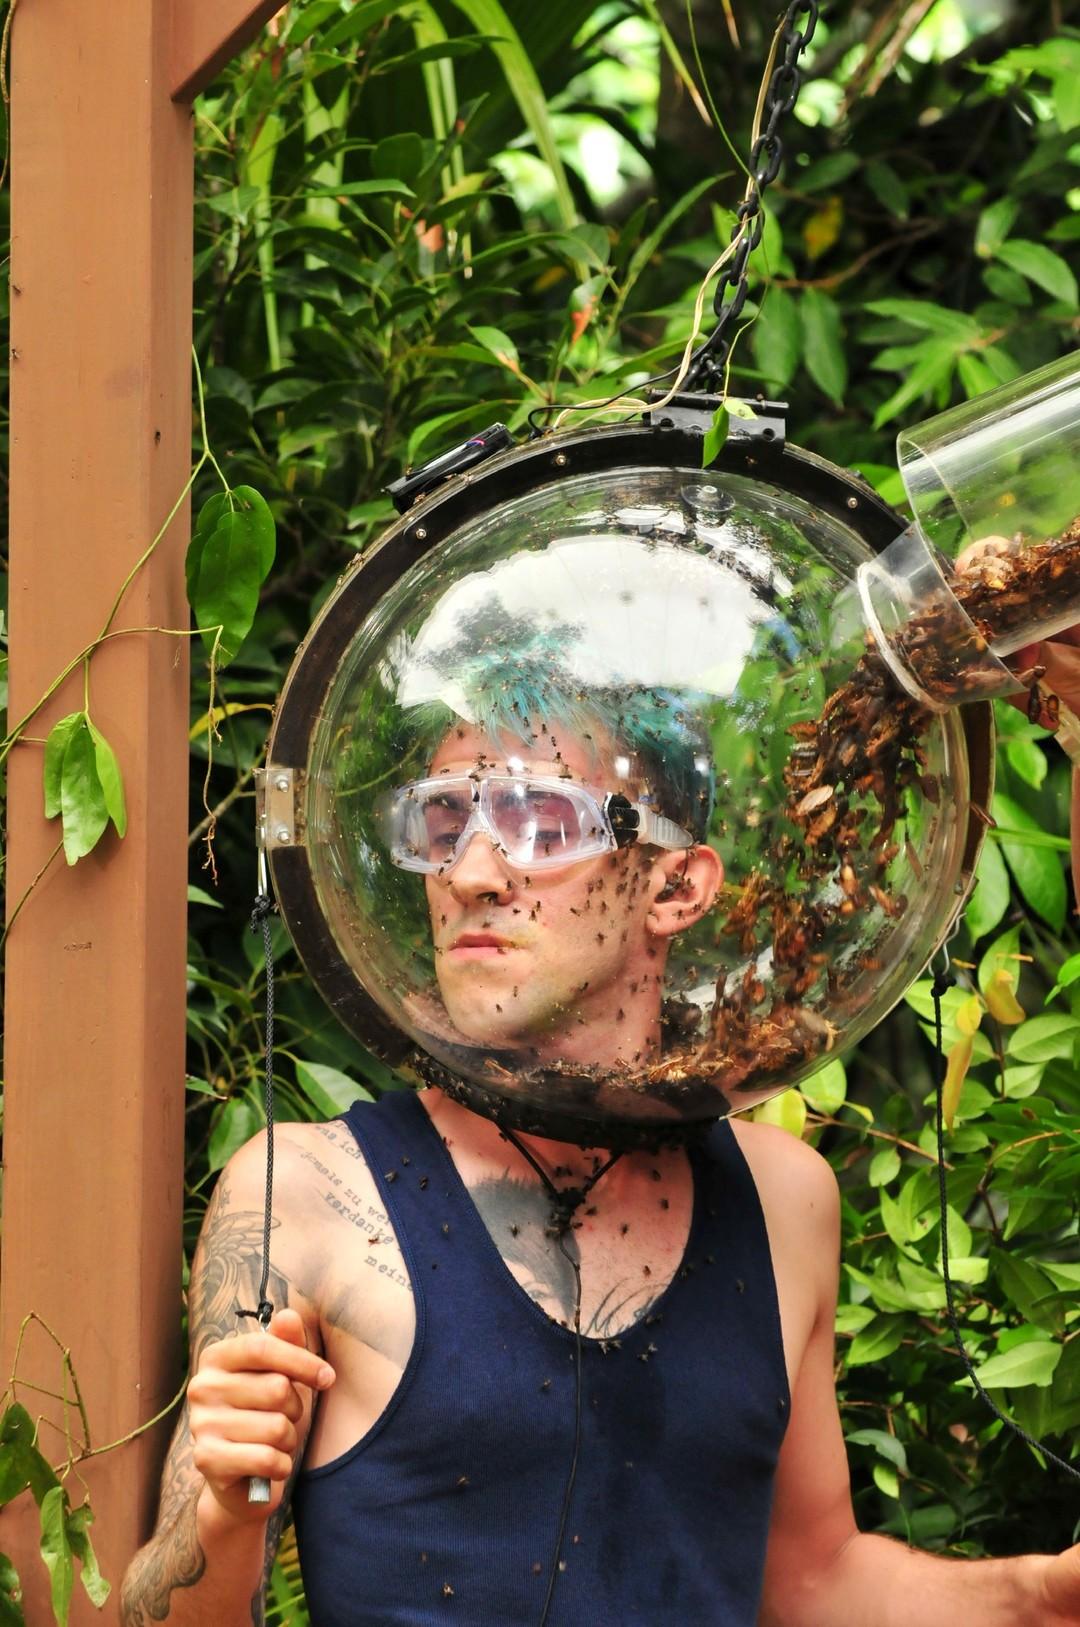 Dschungelcamp: Notfalleinsatz von Dr. Bob - Bild 14 von 65